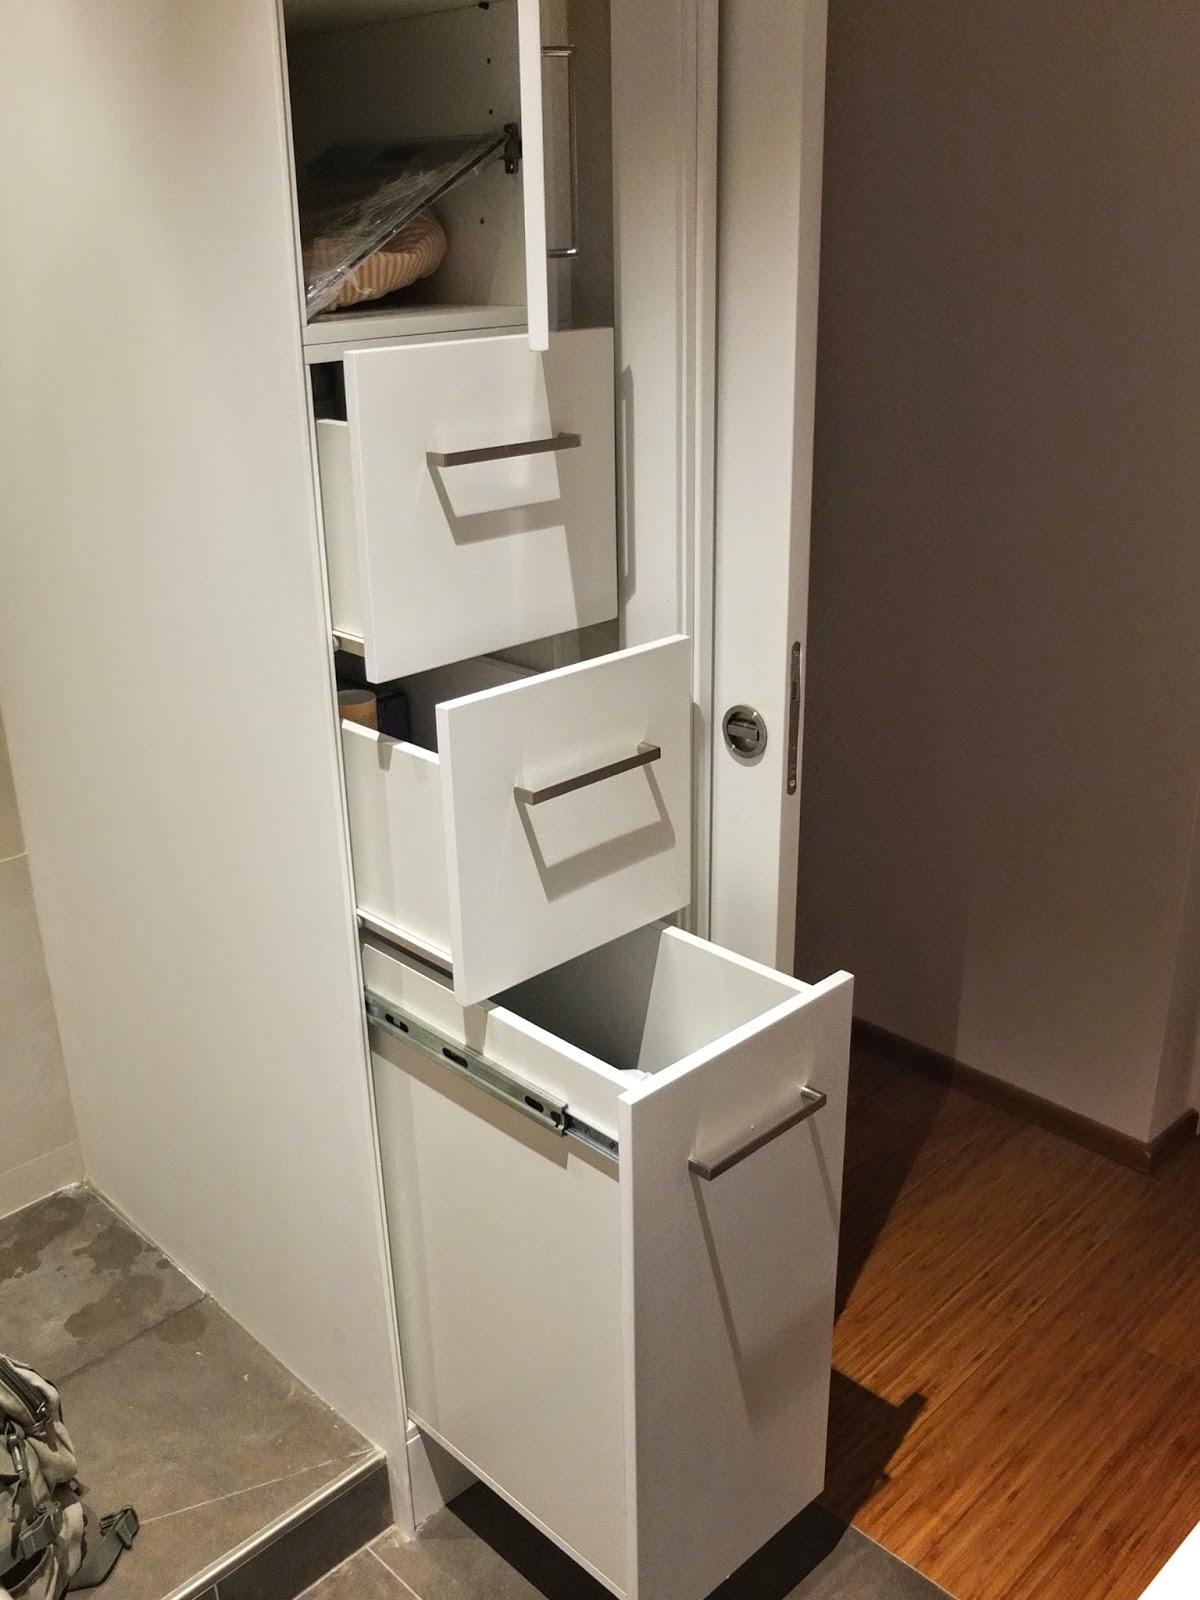 Mueble Ropa Sucia Idea Creativa Della Casa E Dell Interior Design # Muebles Para Ropa